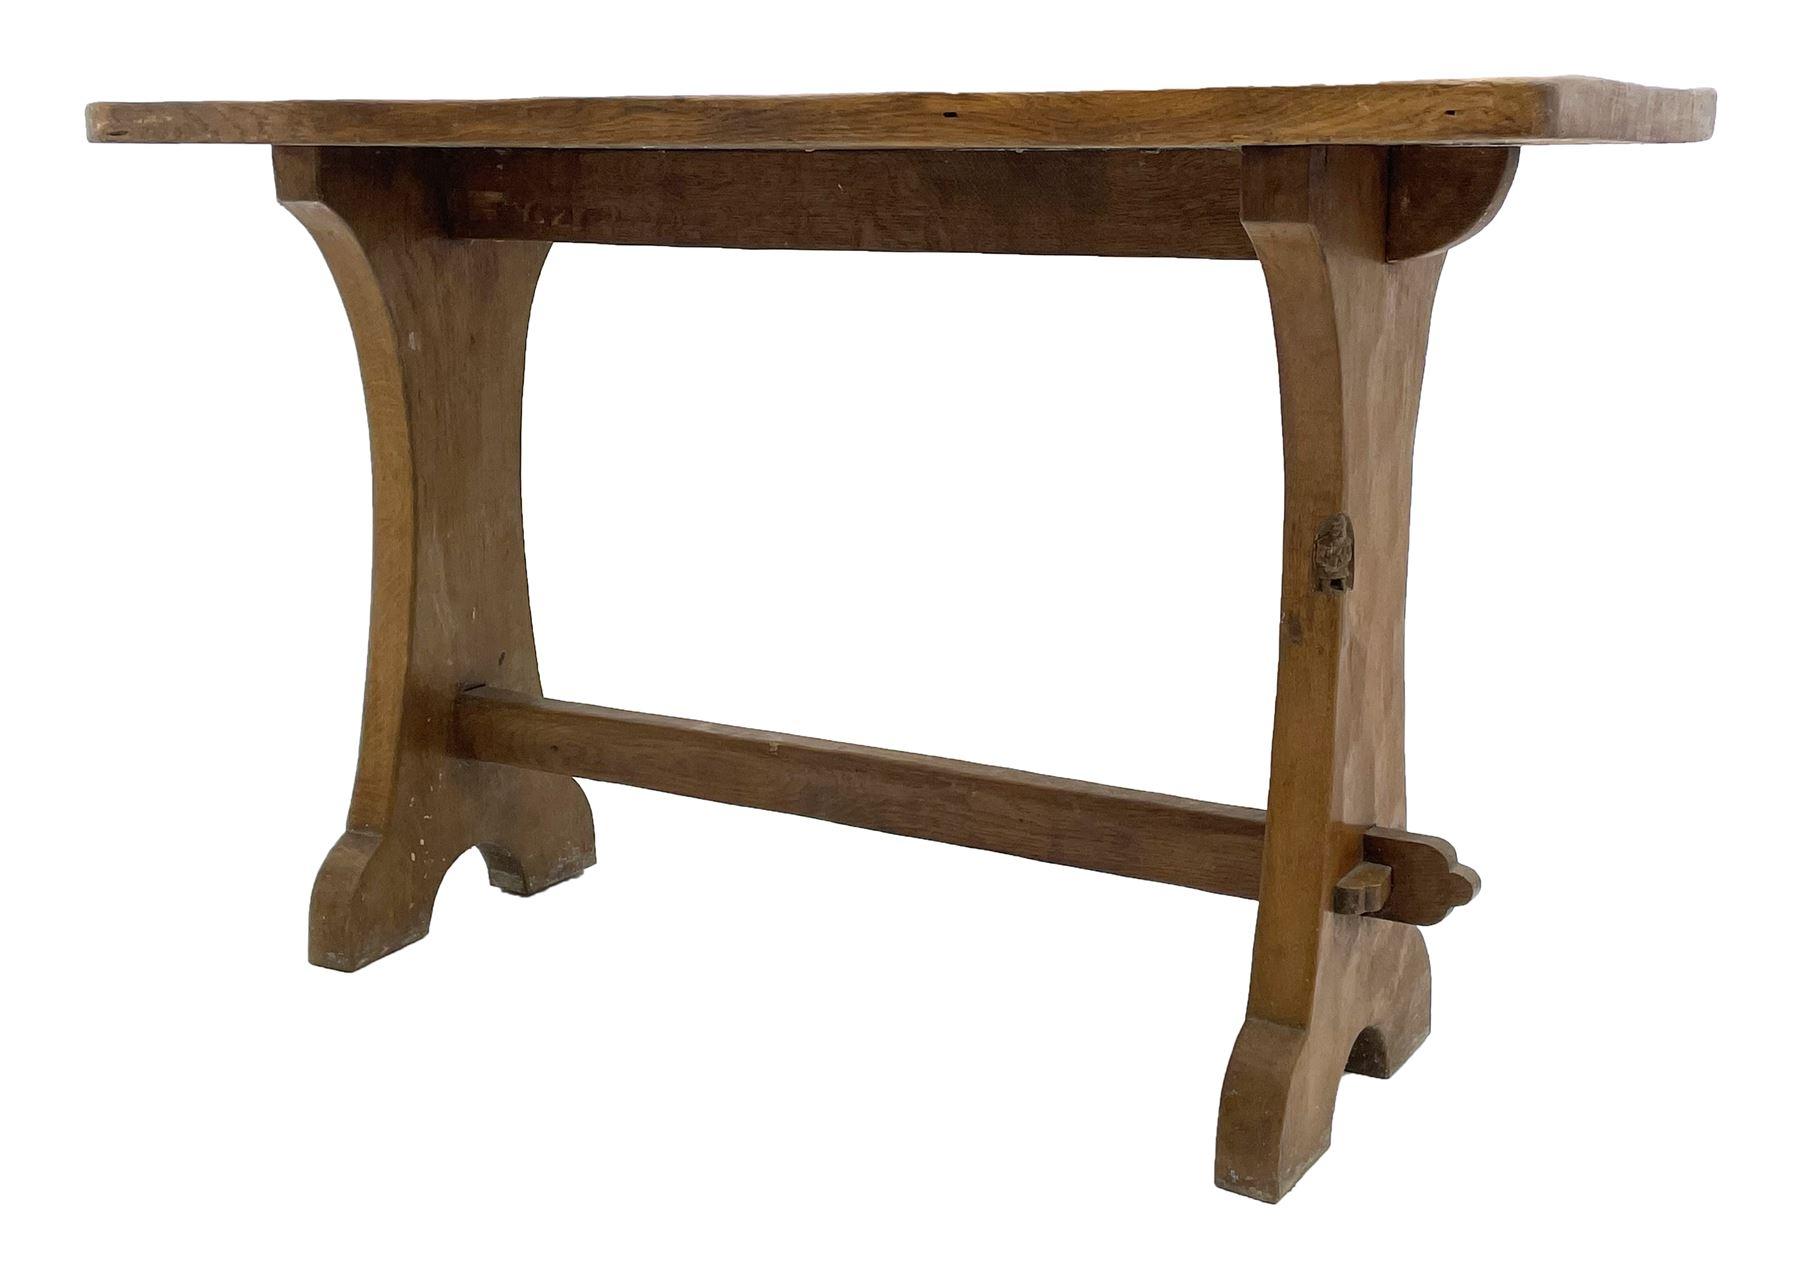 'Gnomeman' adzed oak side table